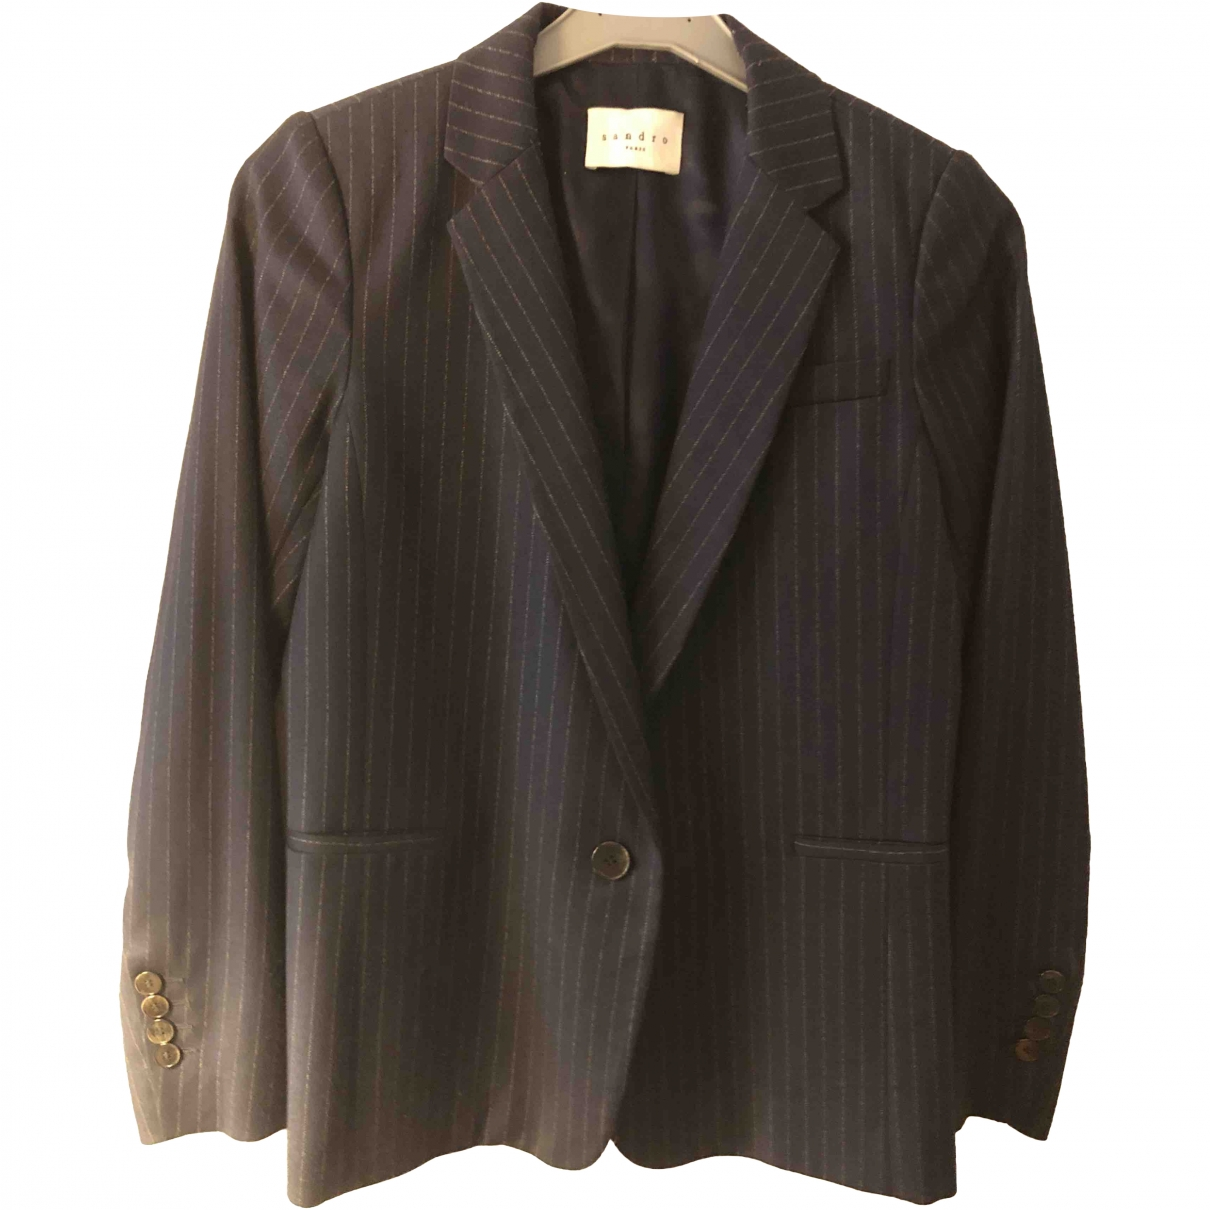 Sandro \N Navy jacket for Women 36 FR